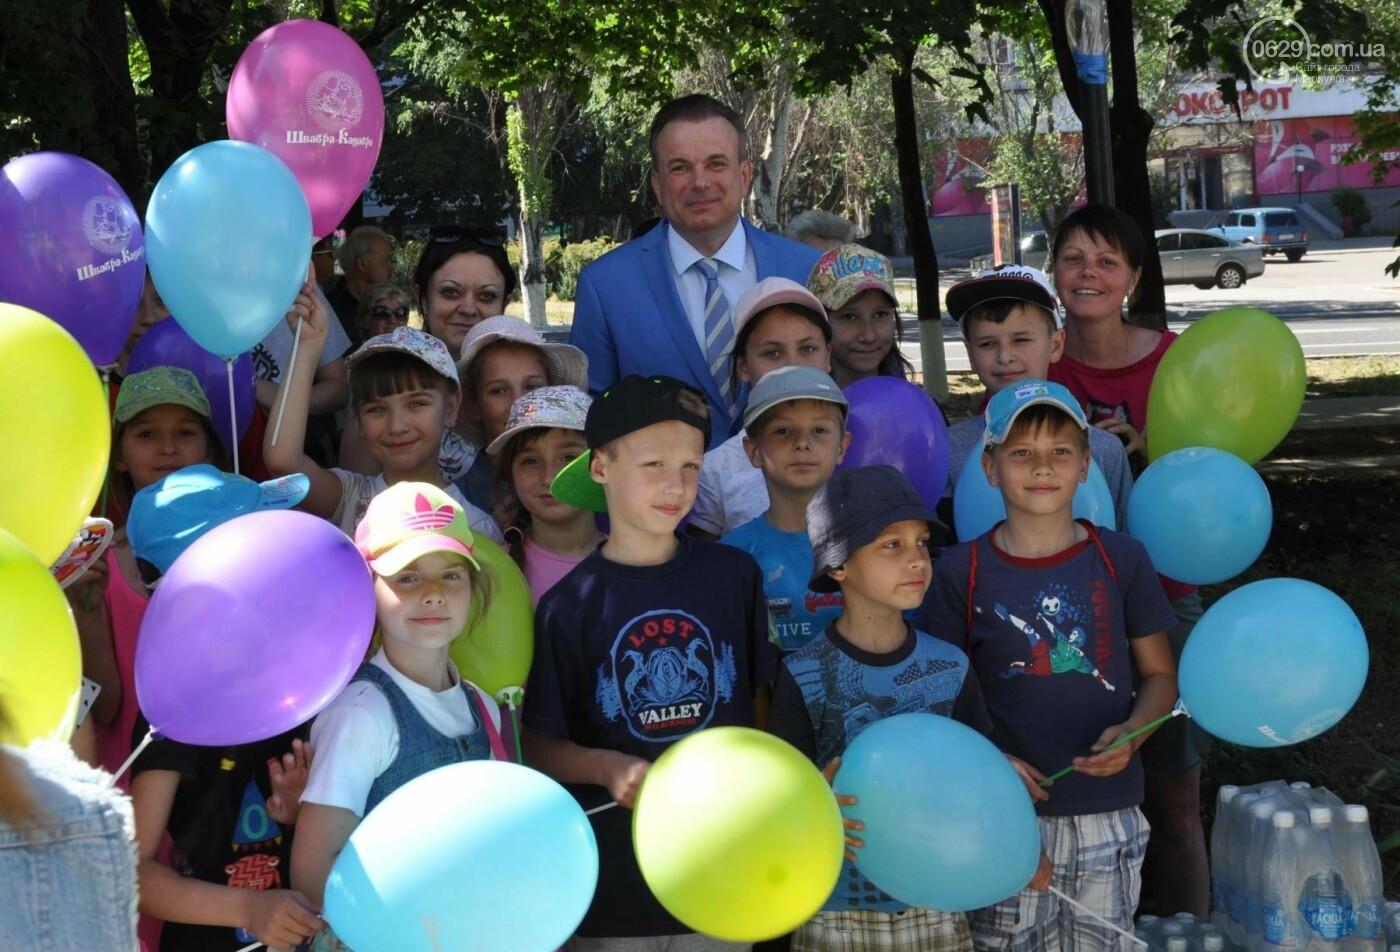 В аптеке «Азовфарм» провели праздник для детей и разыграли призы, фото-6